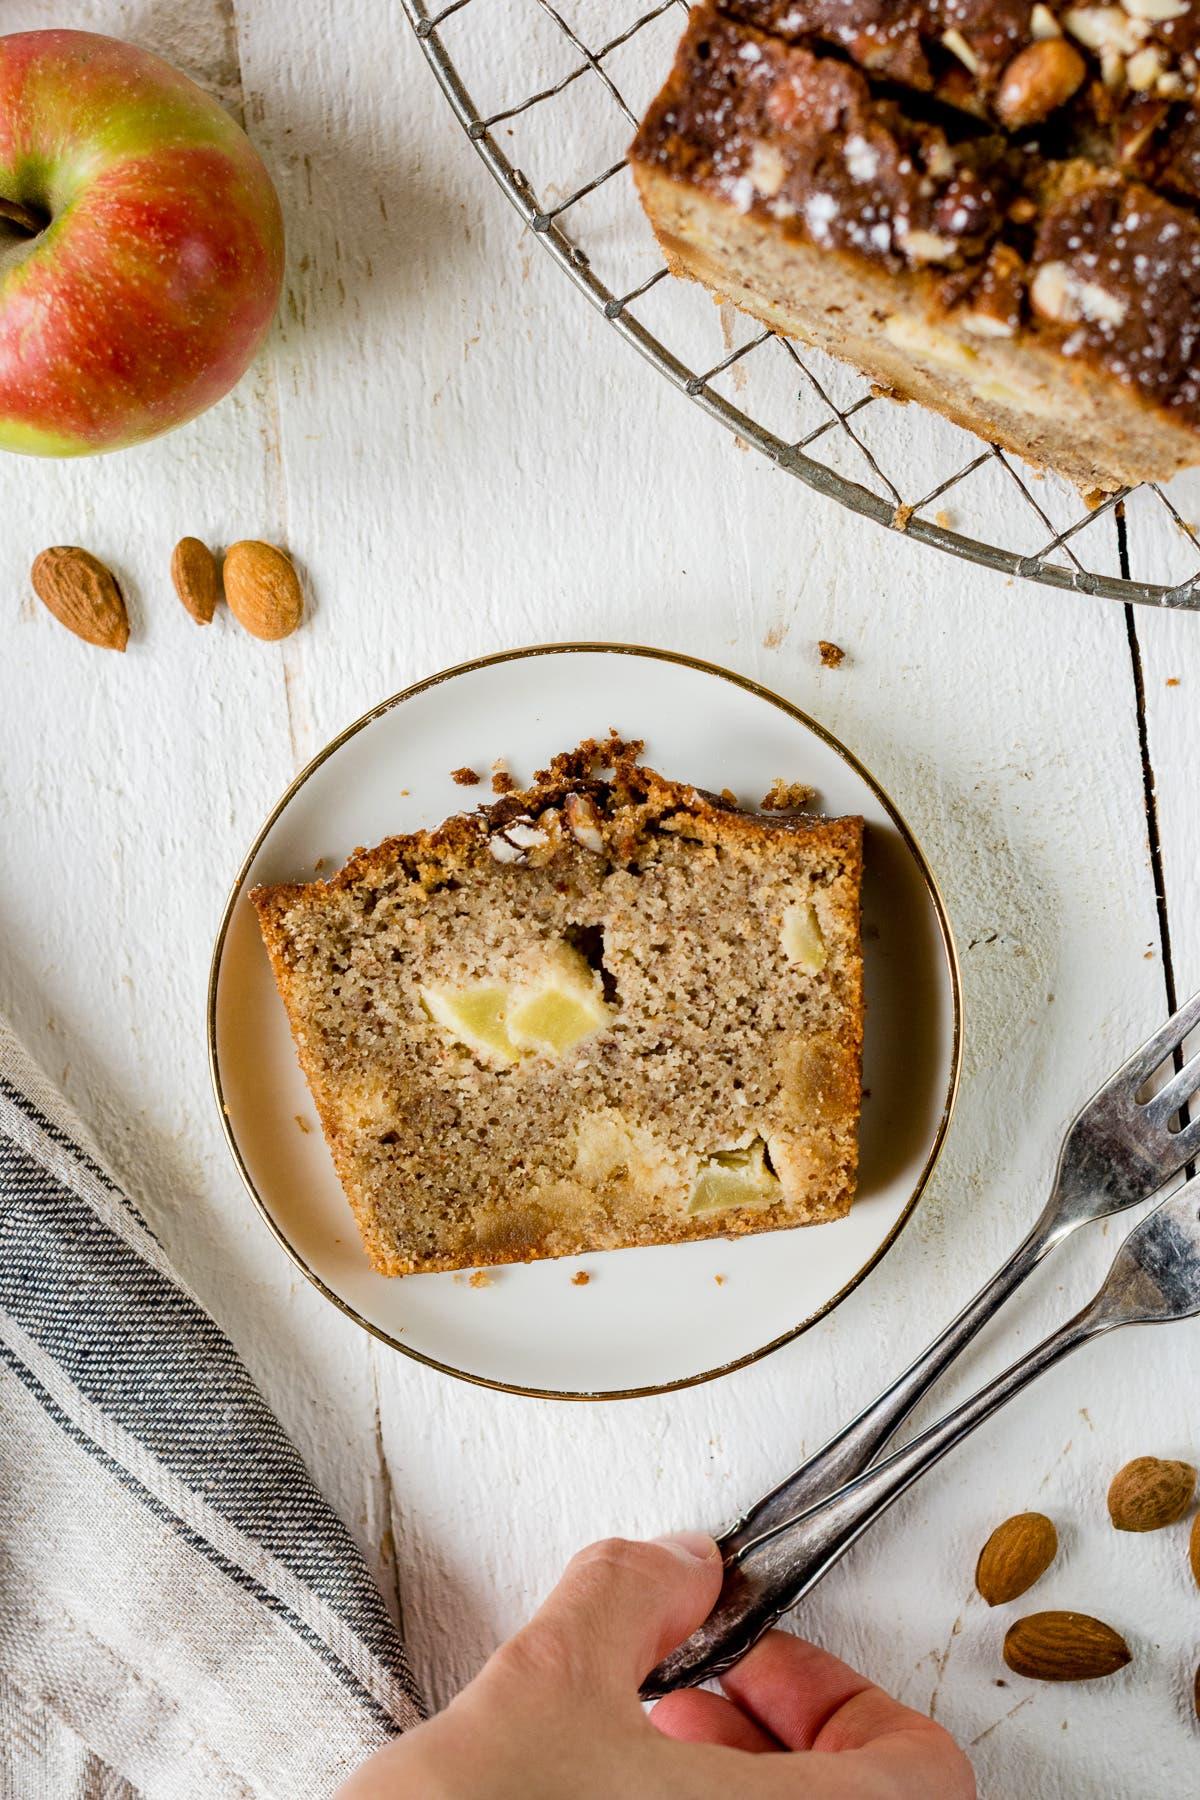 Topshot von einem Stück Apfelkuchen auf einem weißem Teller und ein angeschnittener Apfelkuchen auf einem Gitterrost.